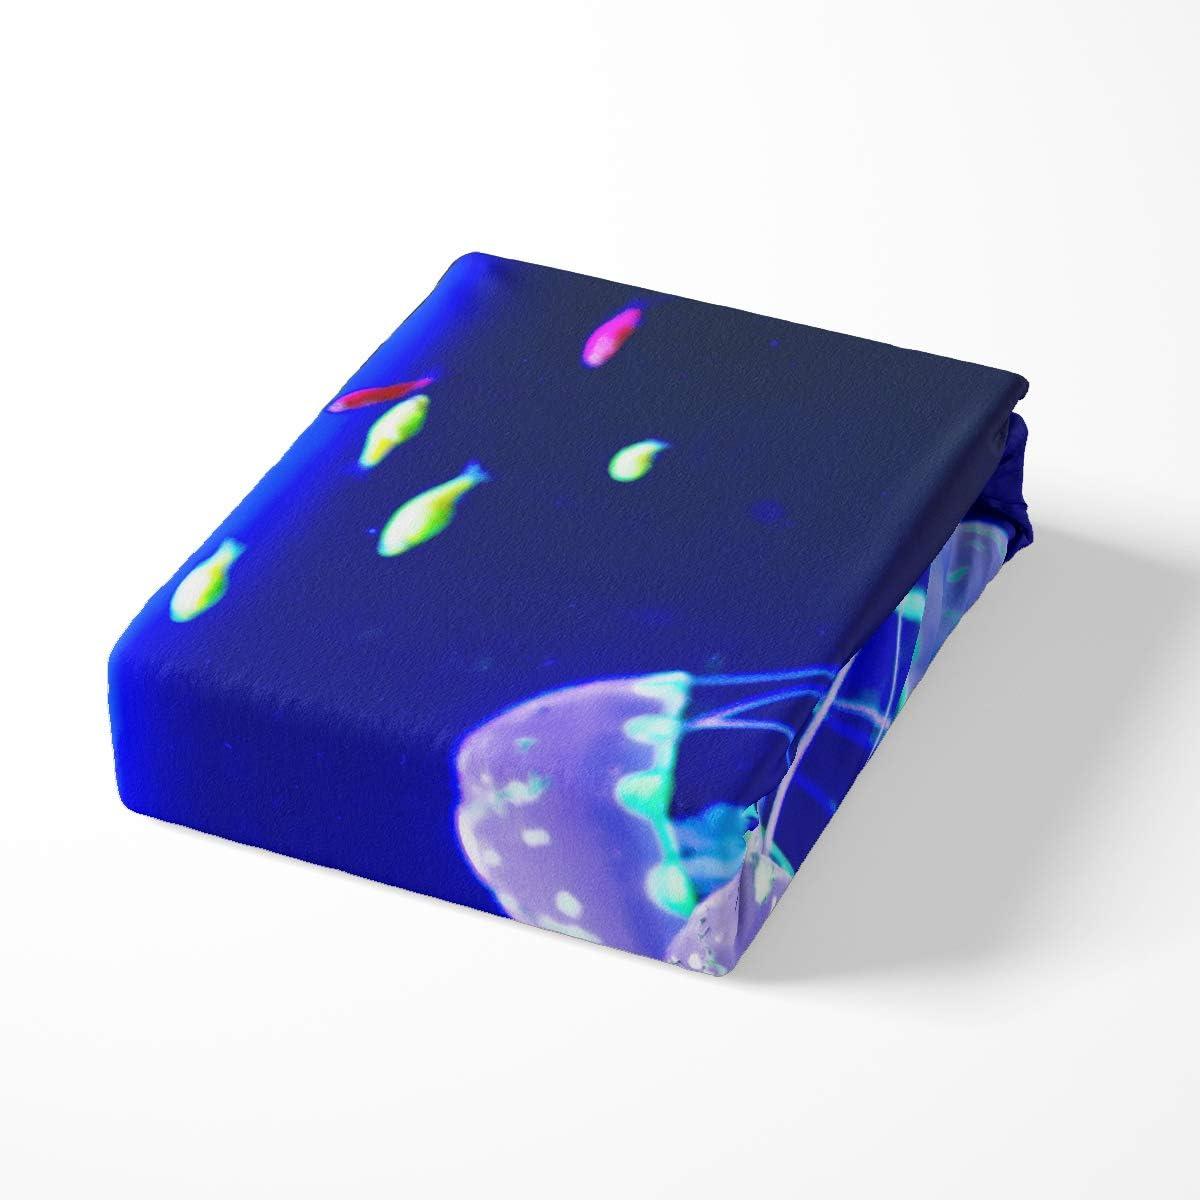 Erosebridal Music Note Duvet Cover Duvet Cover Twin Size Dream Theme Blue Comforter Cover Set for Teen Boys Kids Girls Geometric Stripe Pattern Bedding Set,1 Duvet Cover with 1 Pillow Case